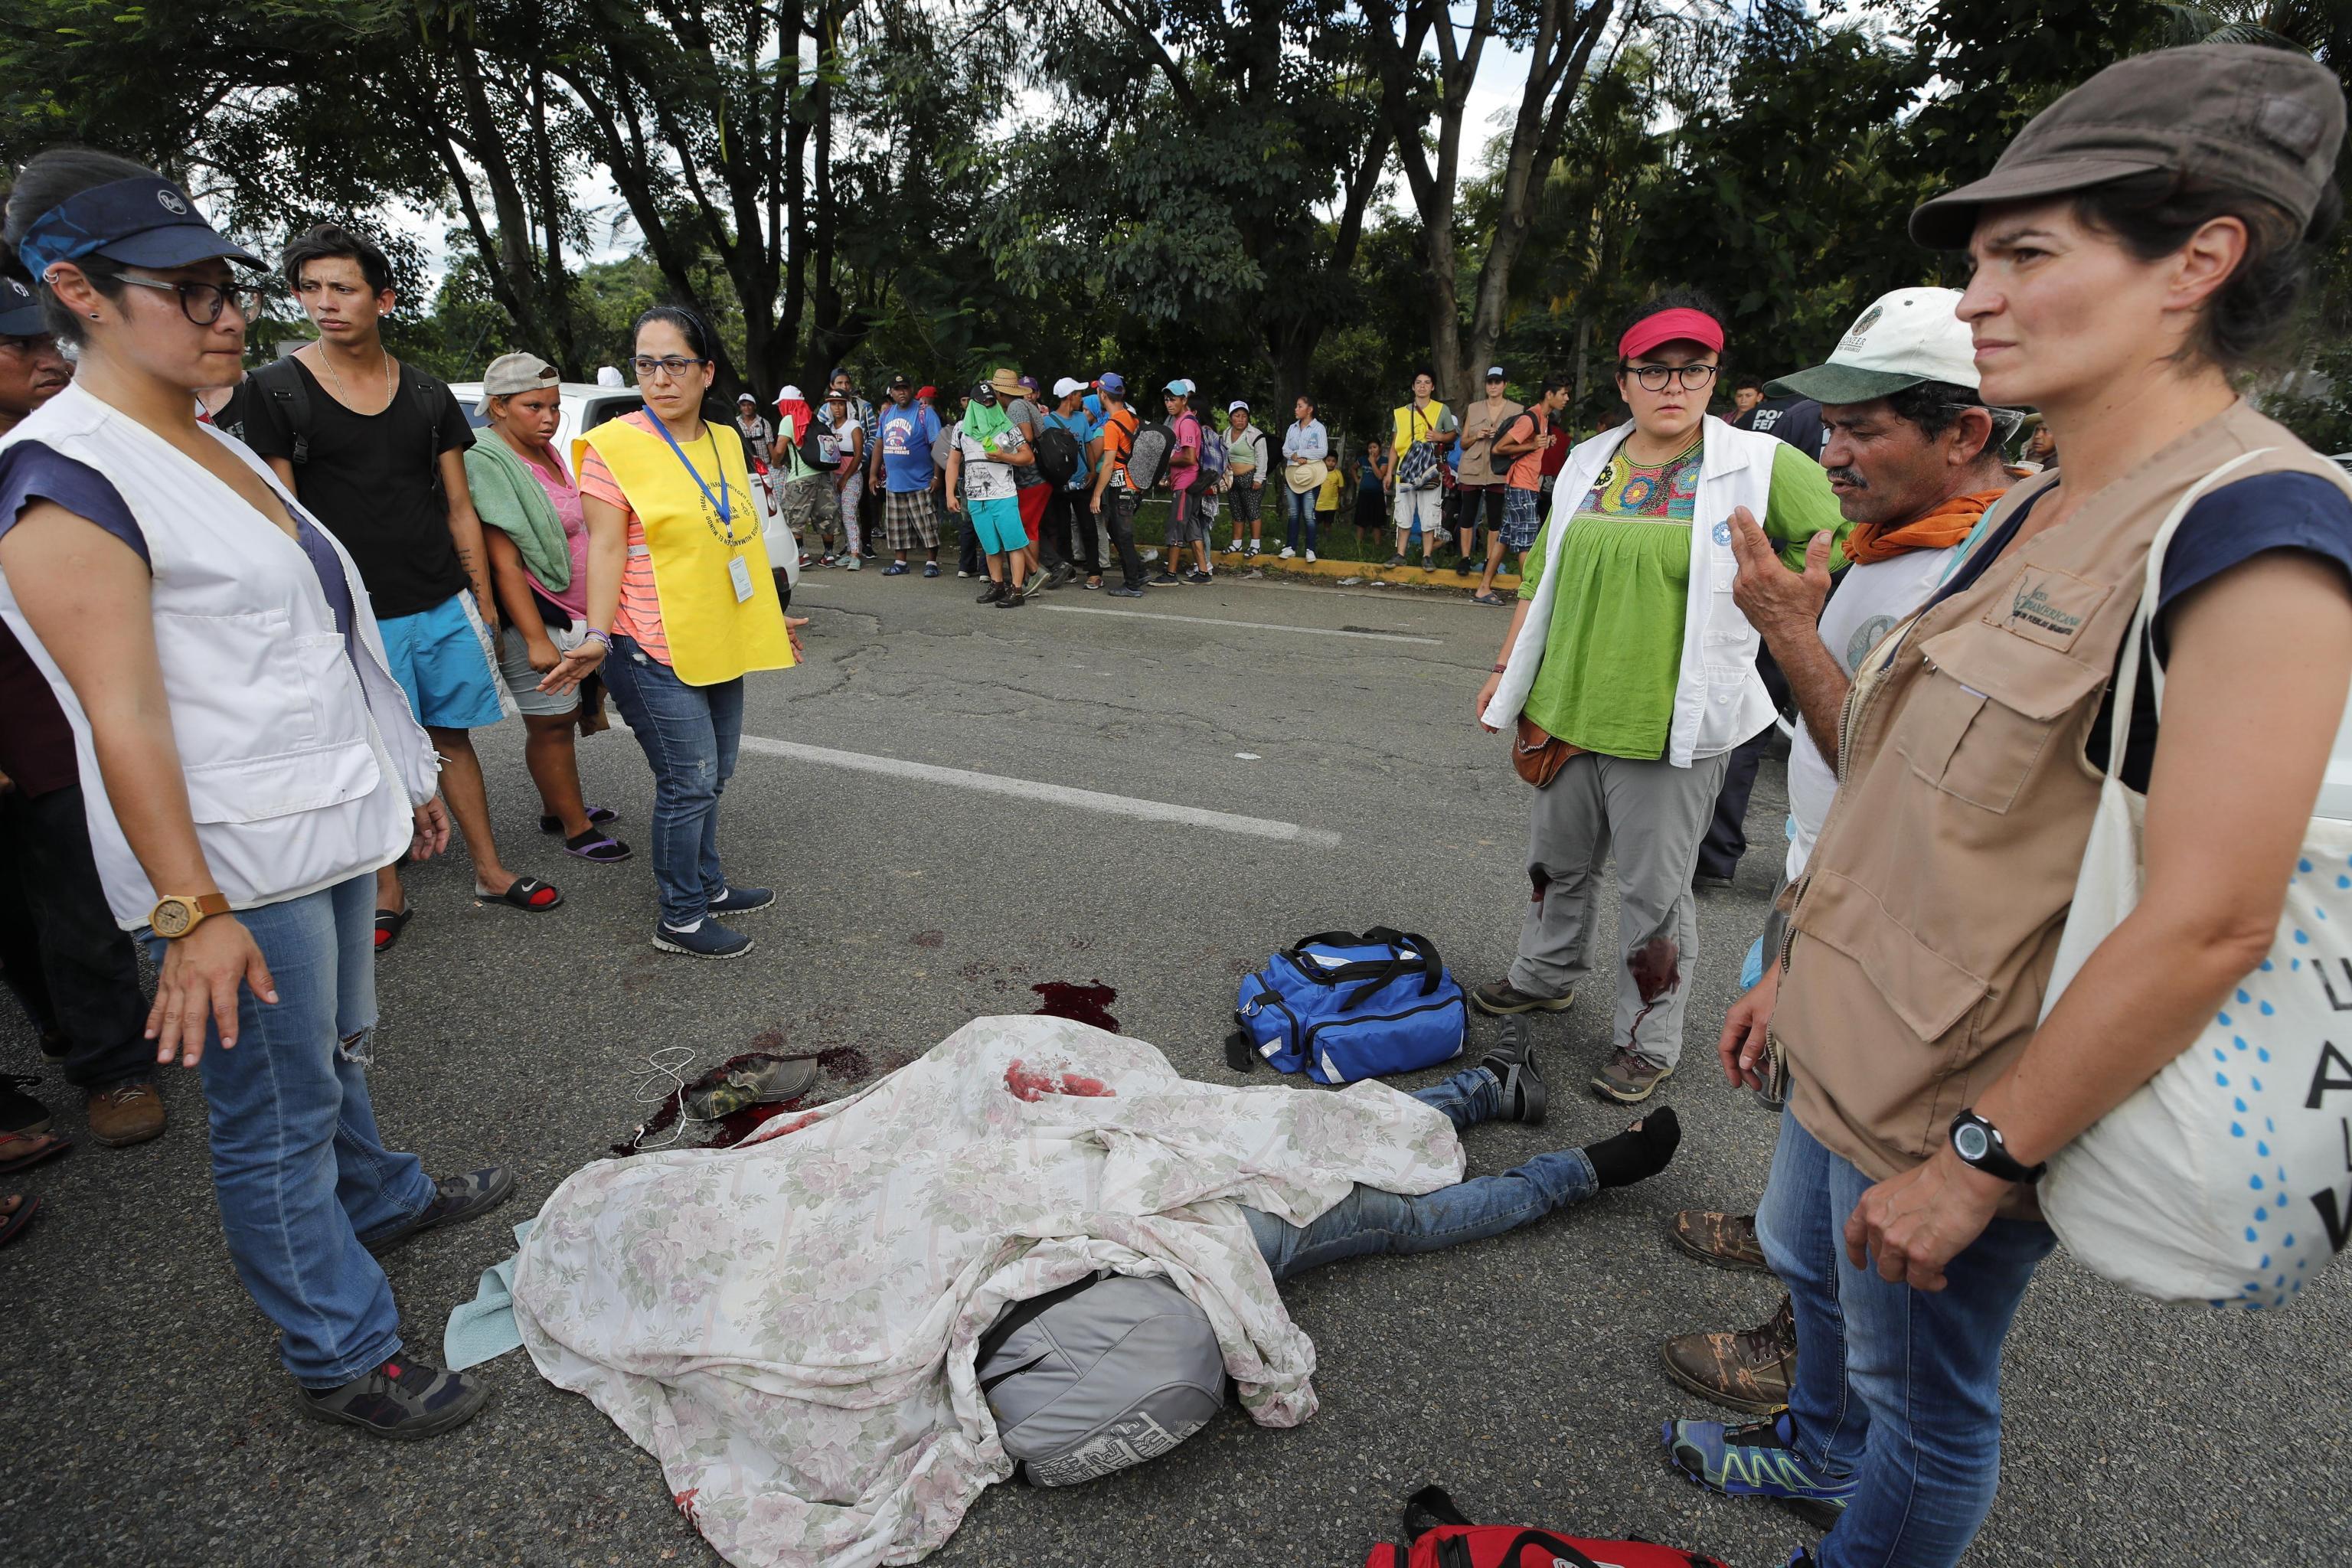 Un migrante è morto dopo esser caduto dal veicolo giunto in Messico